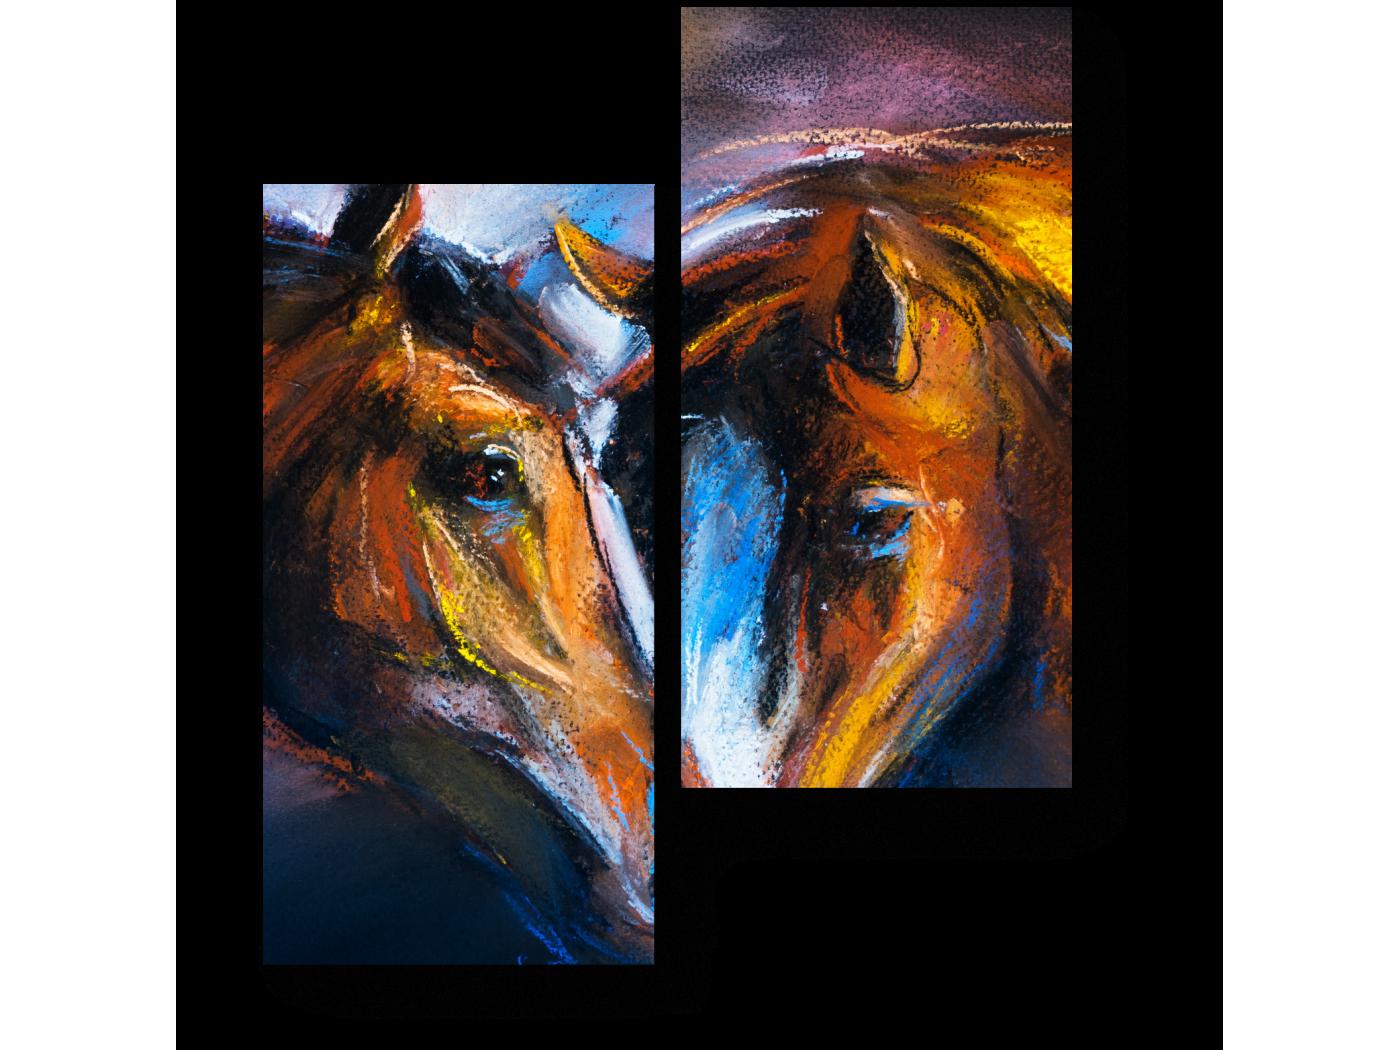 Модульная картина Влюбленные лошади (40x50) фото